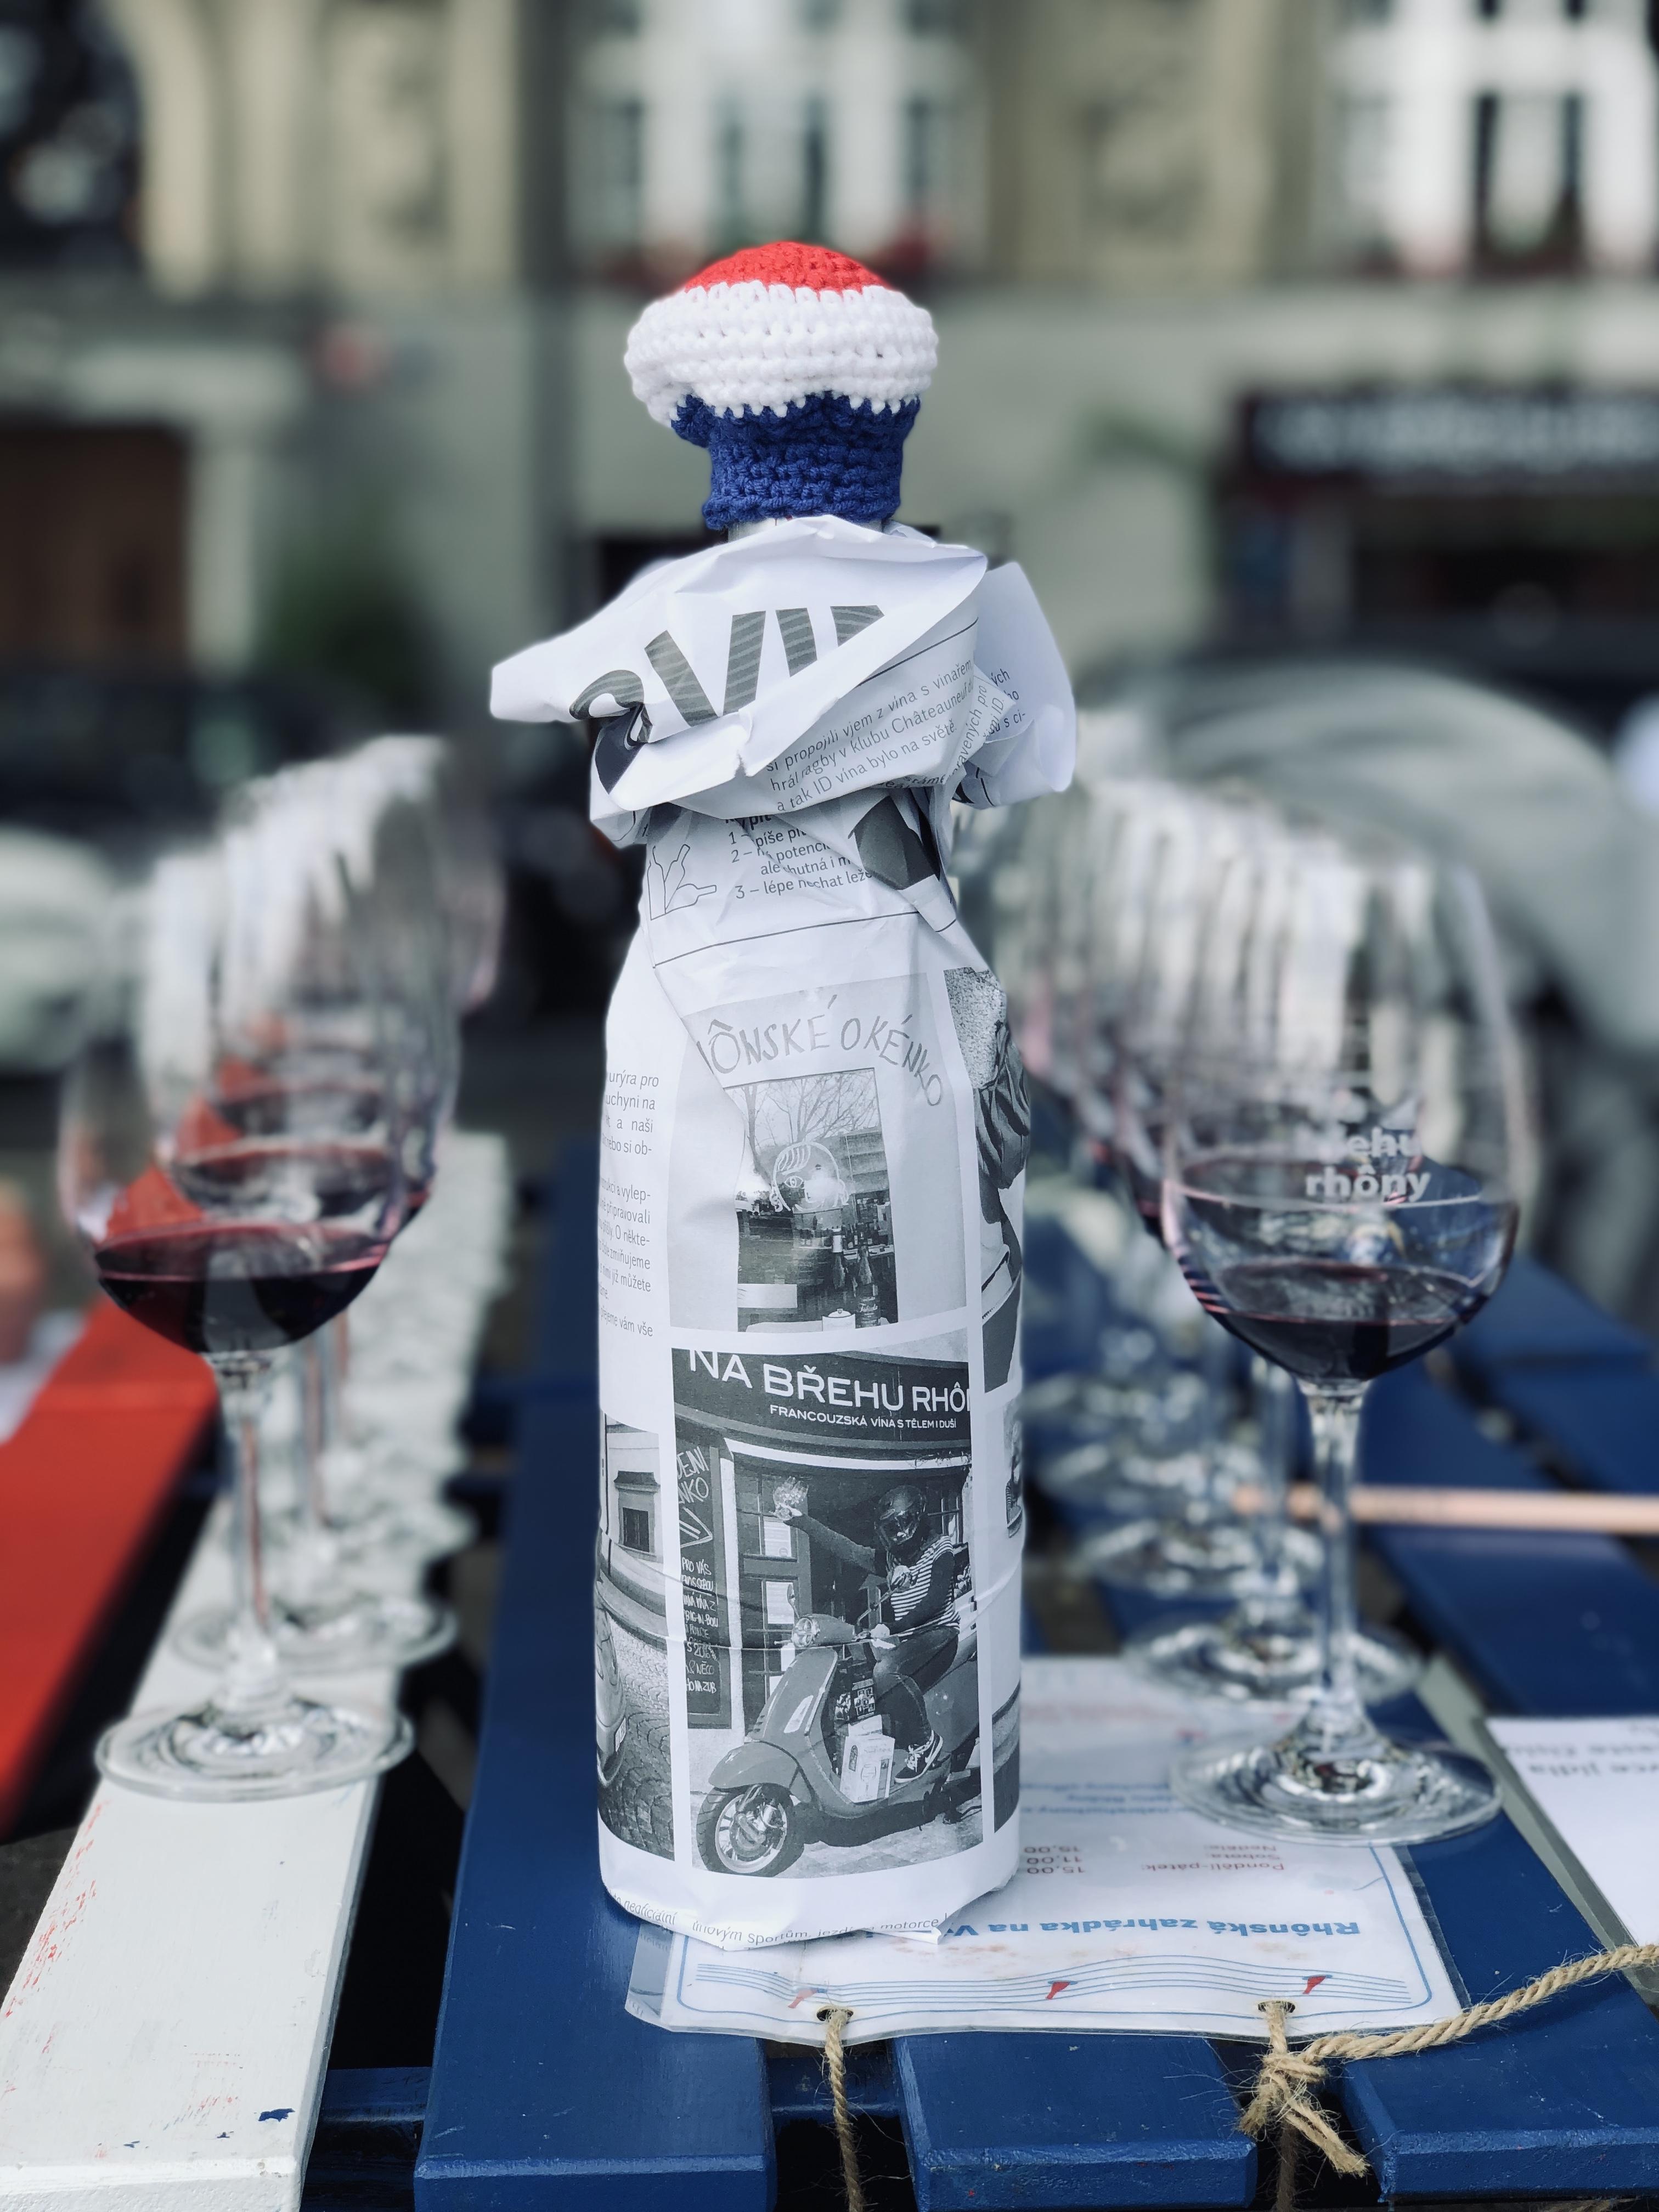 Víno, co má pod čepicí